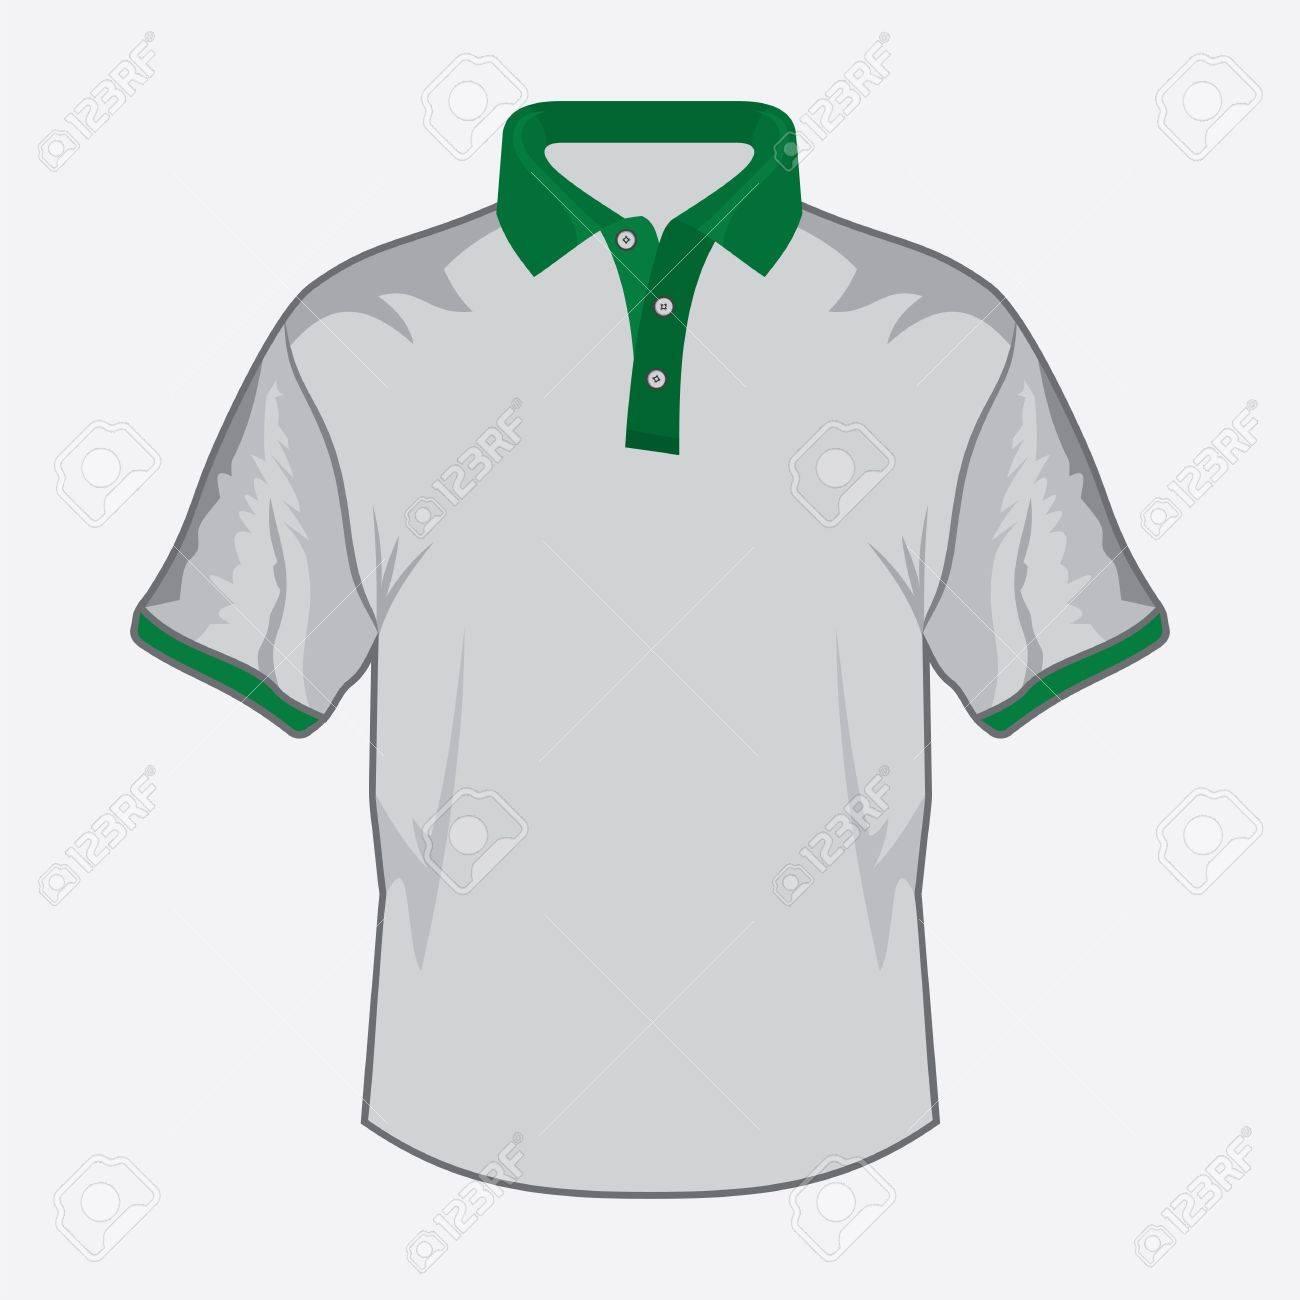 Design t shirt colar - Vector White Polo Shirt Design With Green Collar